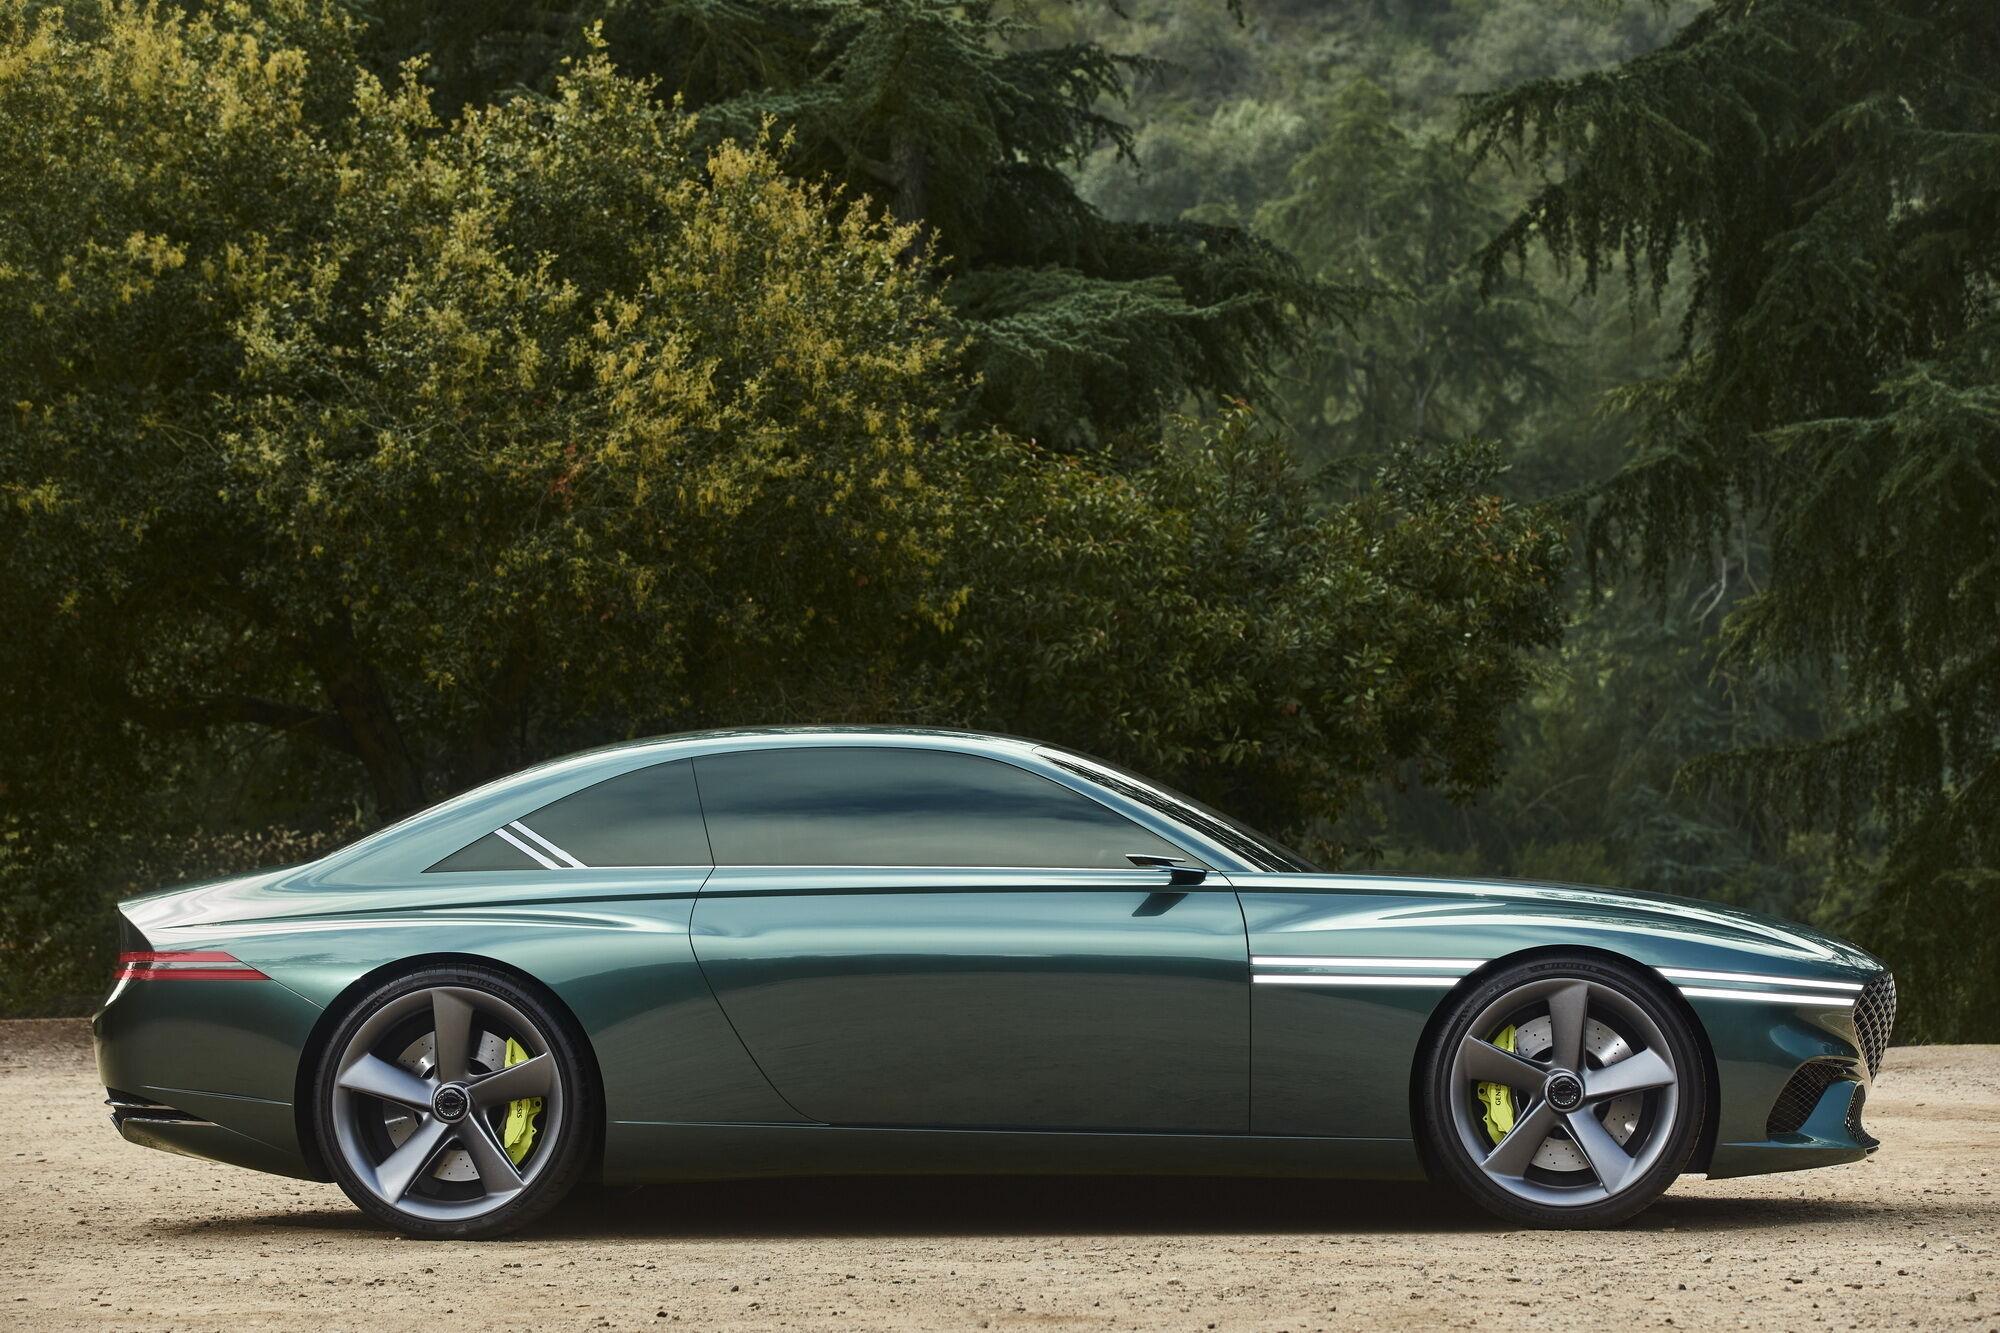 Підкреслити екологічну складову моделі покликані зелені супорта гальмівної системи, а також унікальний колір Lençоis Blue